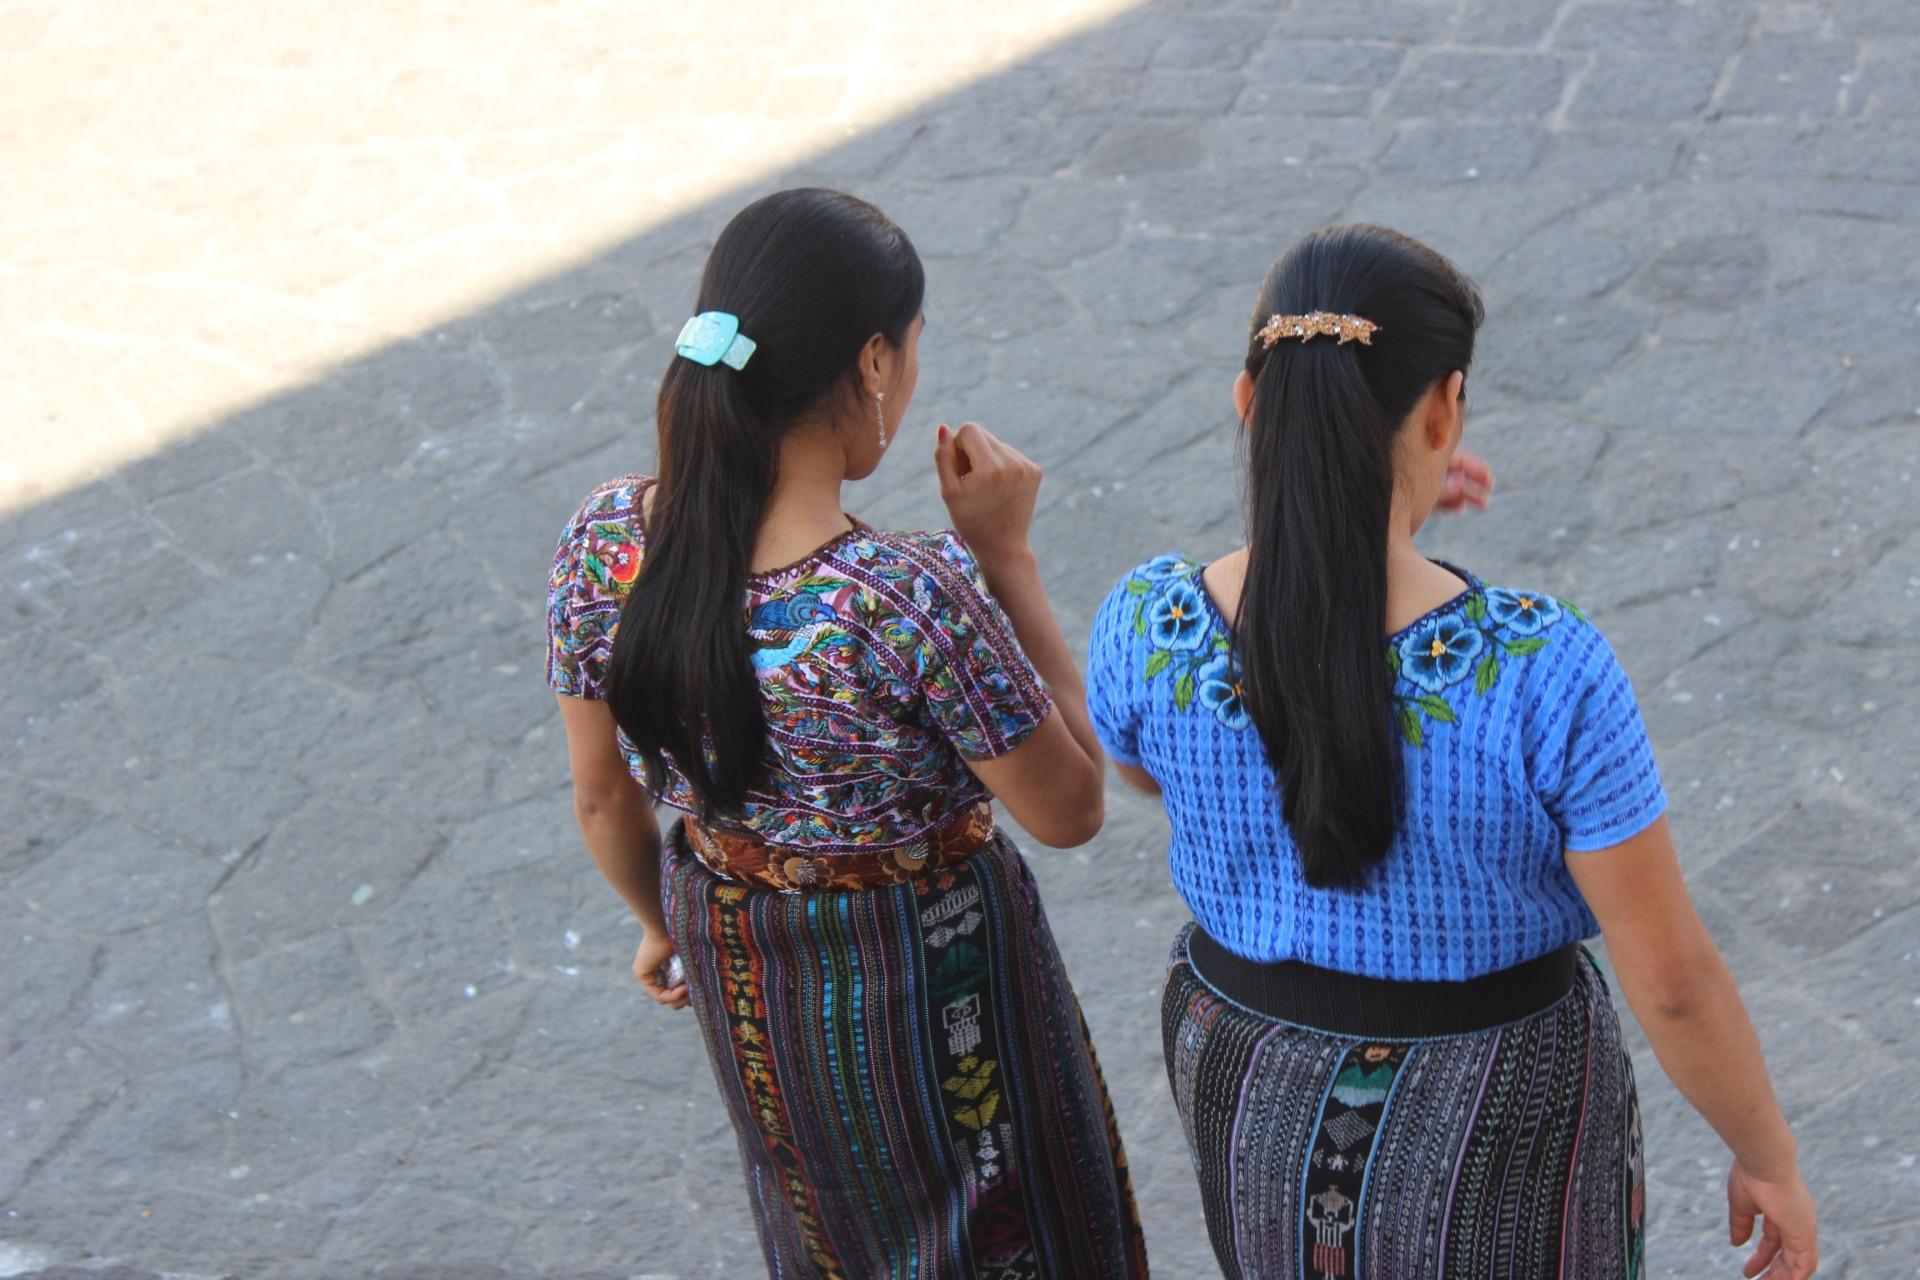 twom mayan girls